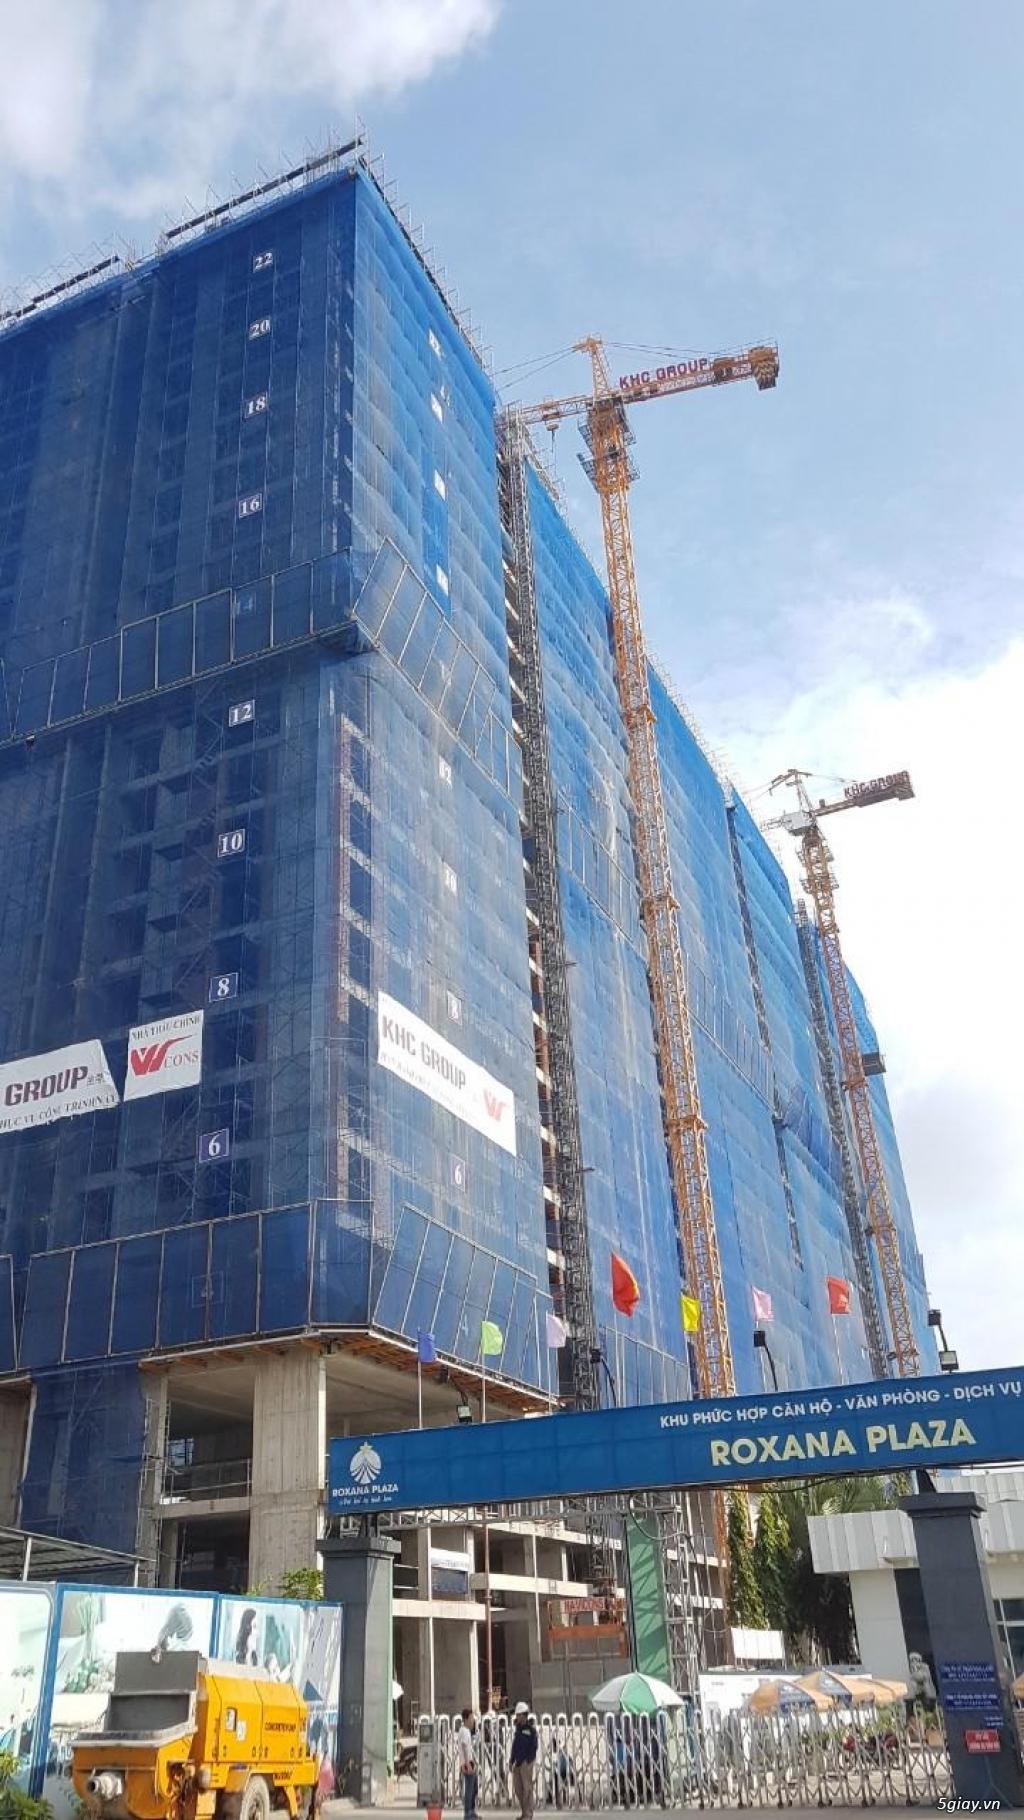 Bán căn hộ Bình Dương Roxana Plaza 2PN 1,3 tỉ - 4